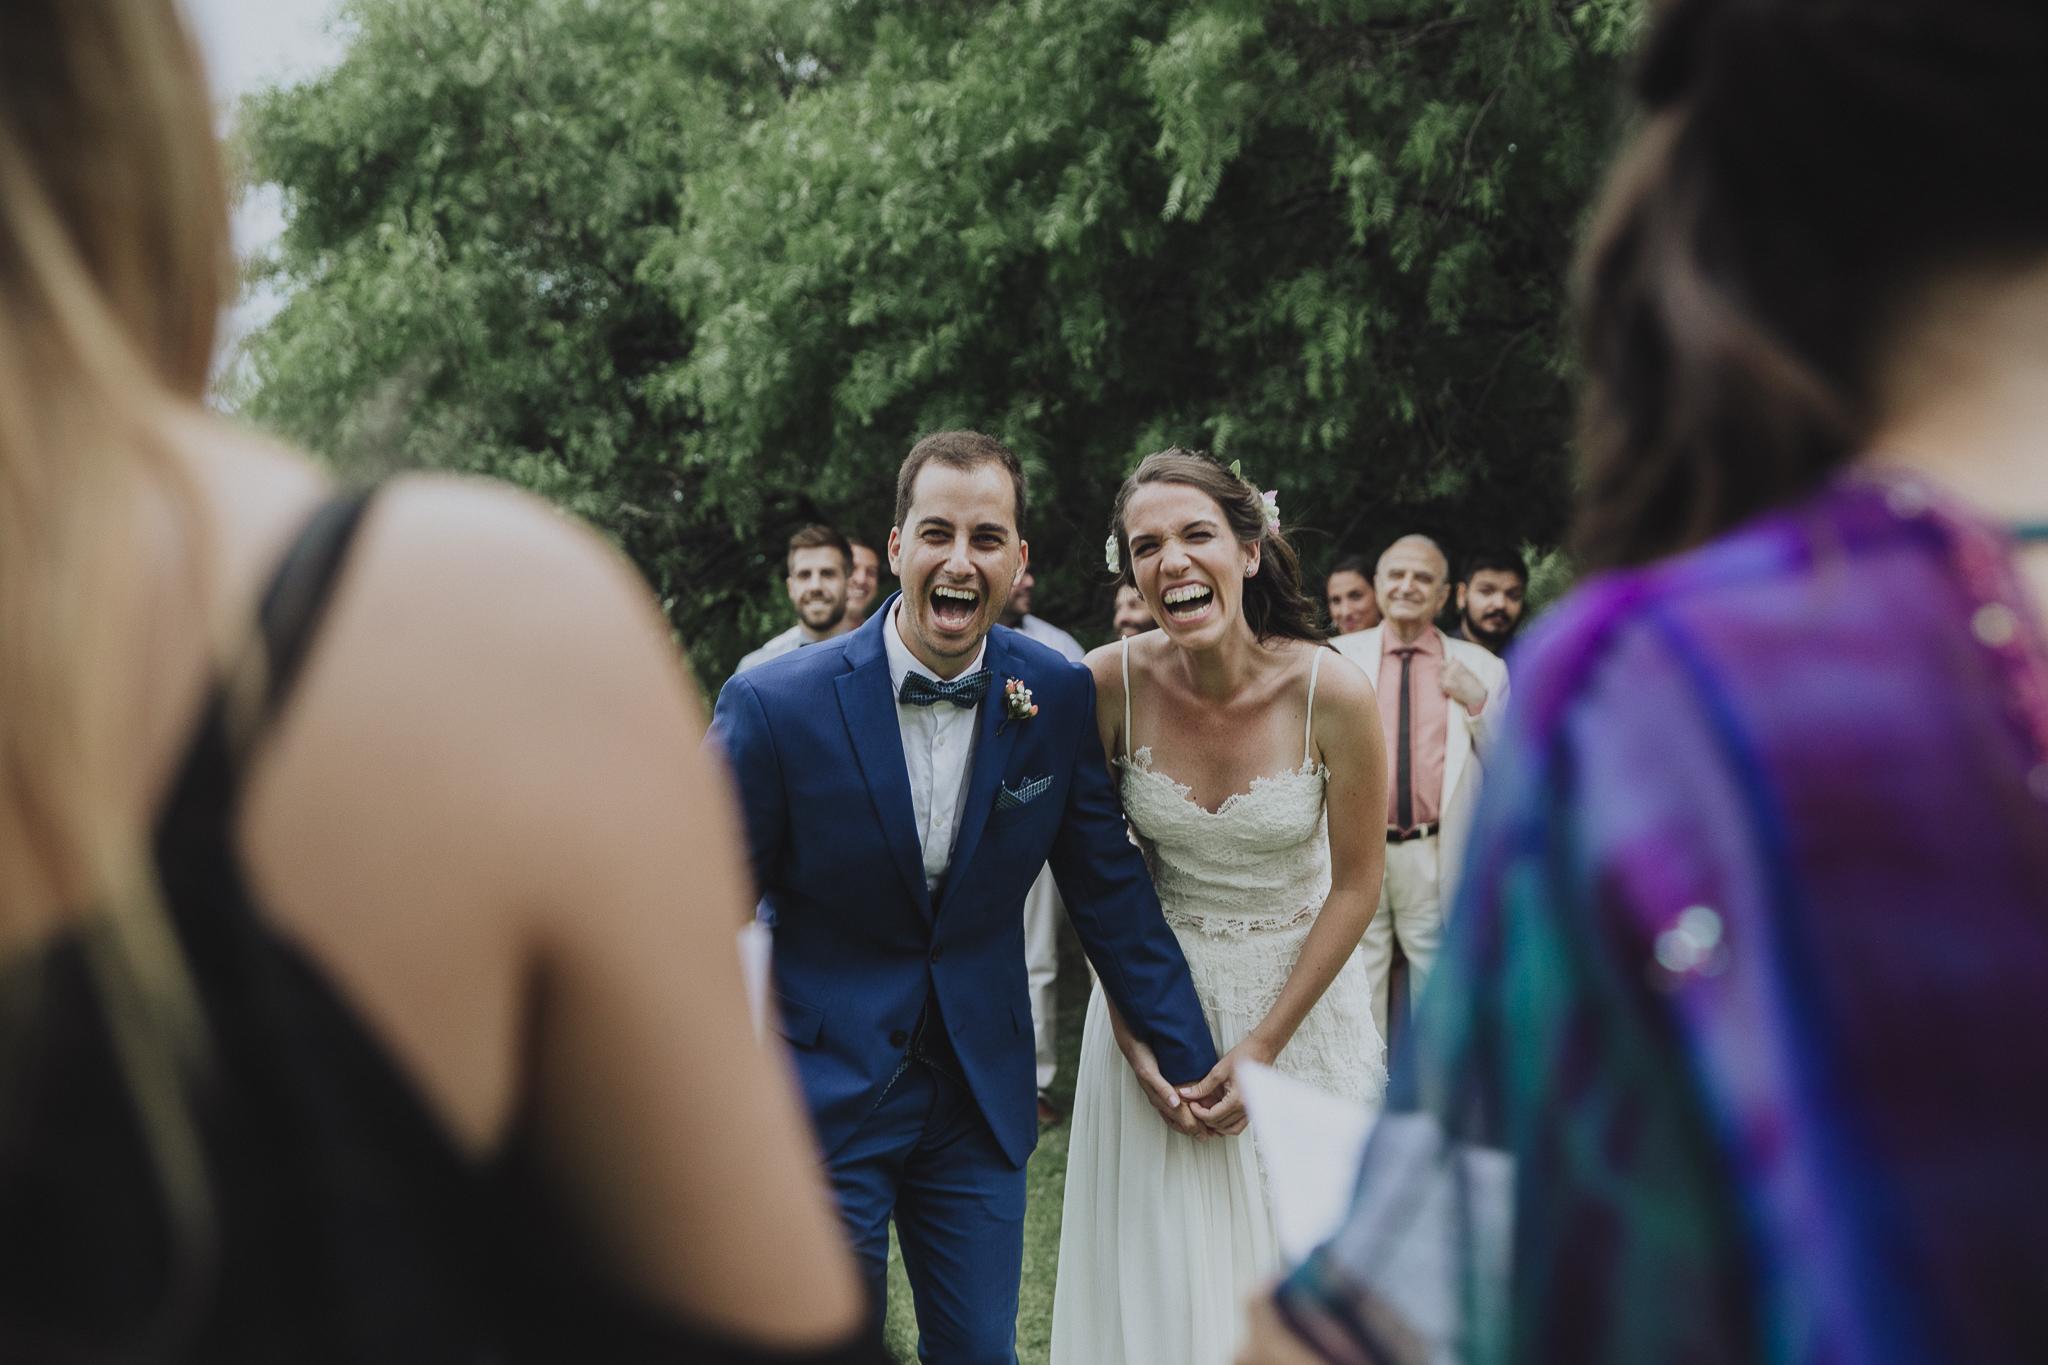 fotografo de bodas punta del este - jose ignacio - mika alvarez - nye